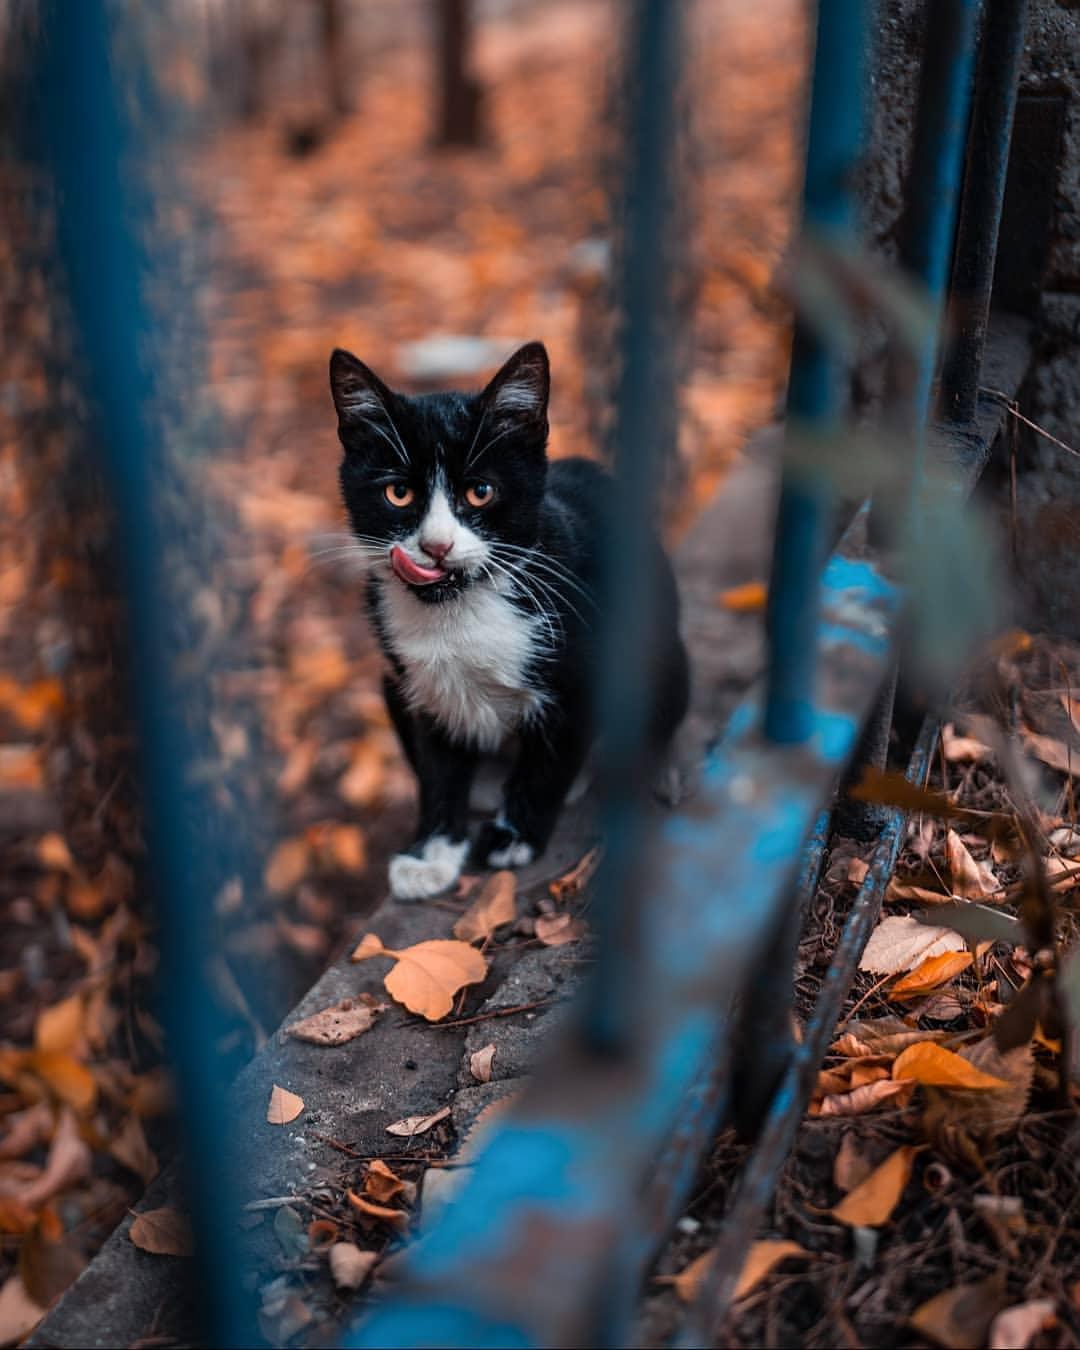 Фото Кошка с высунутым языком за забором, by Roman Petrenko